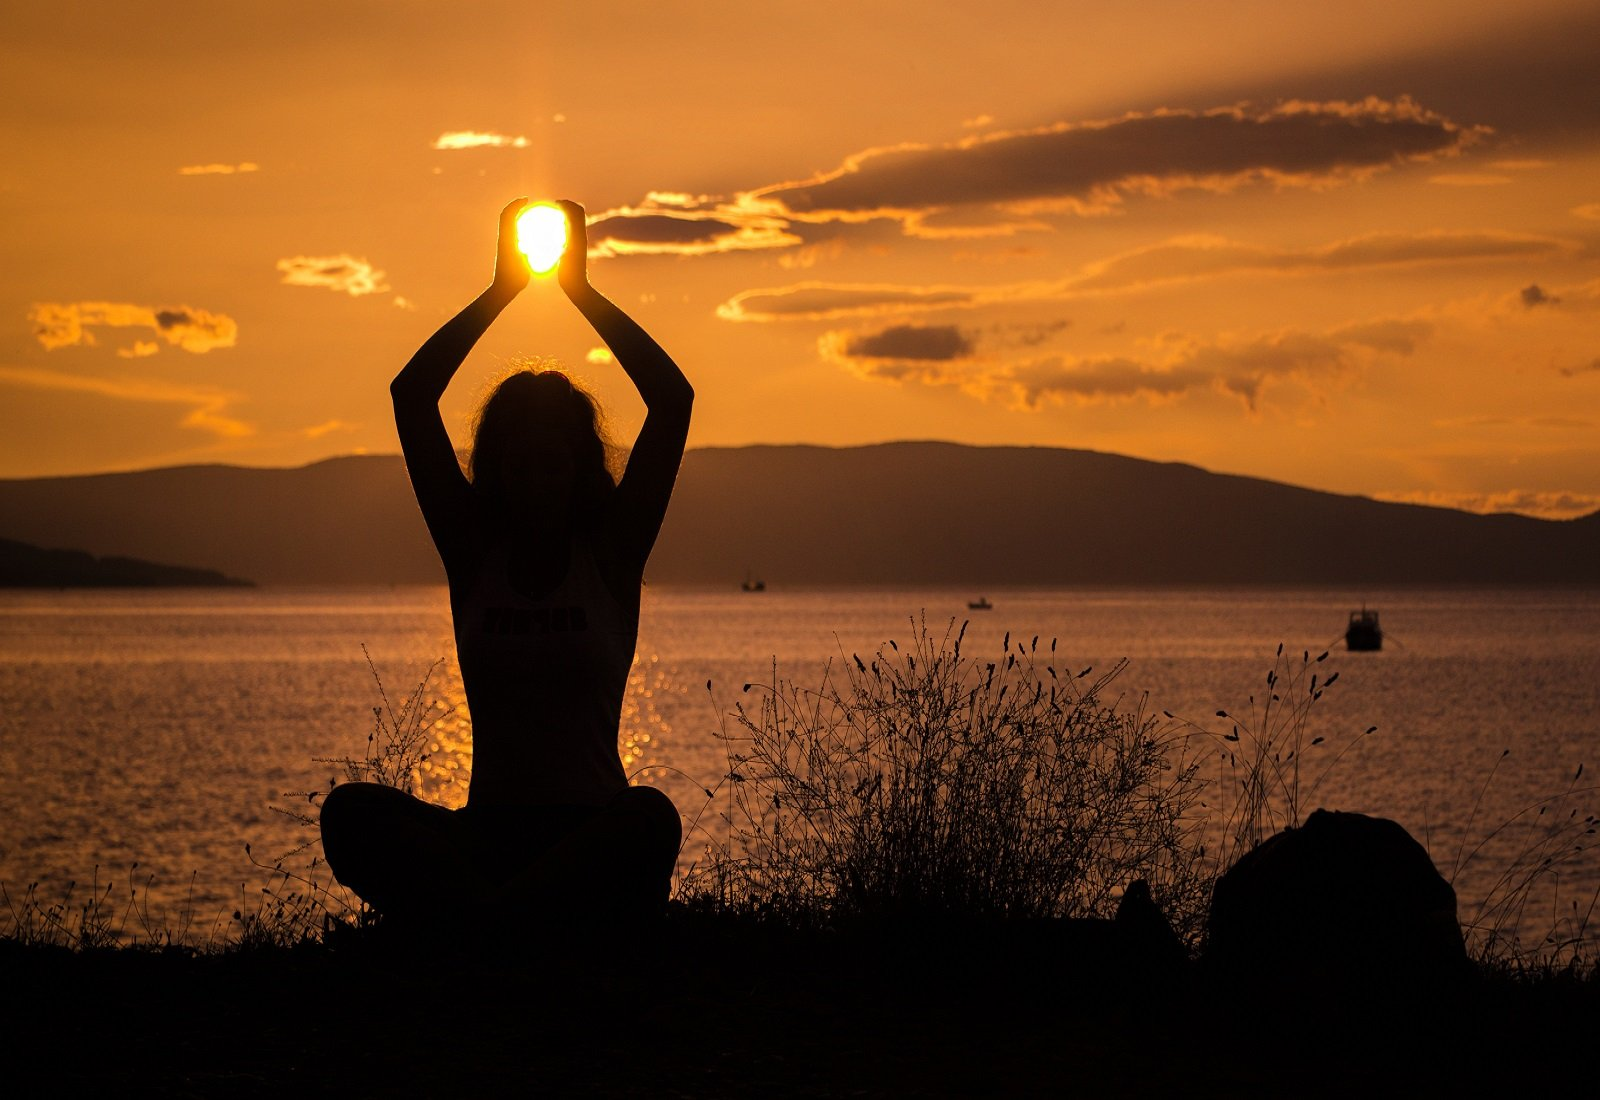 yoga_inner_peace_2048x.jpg